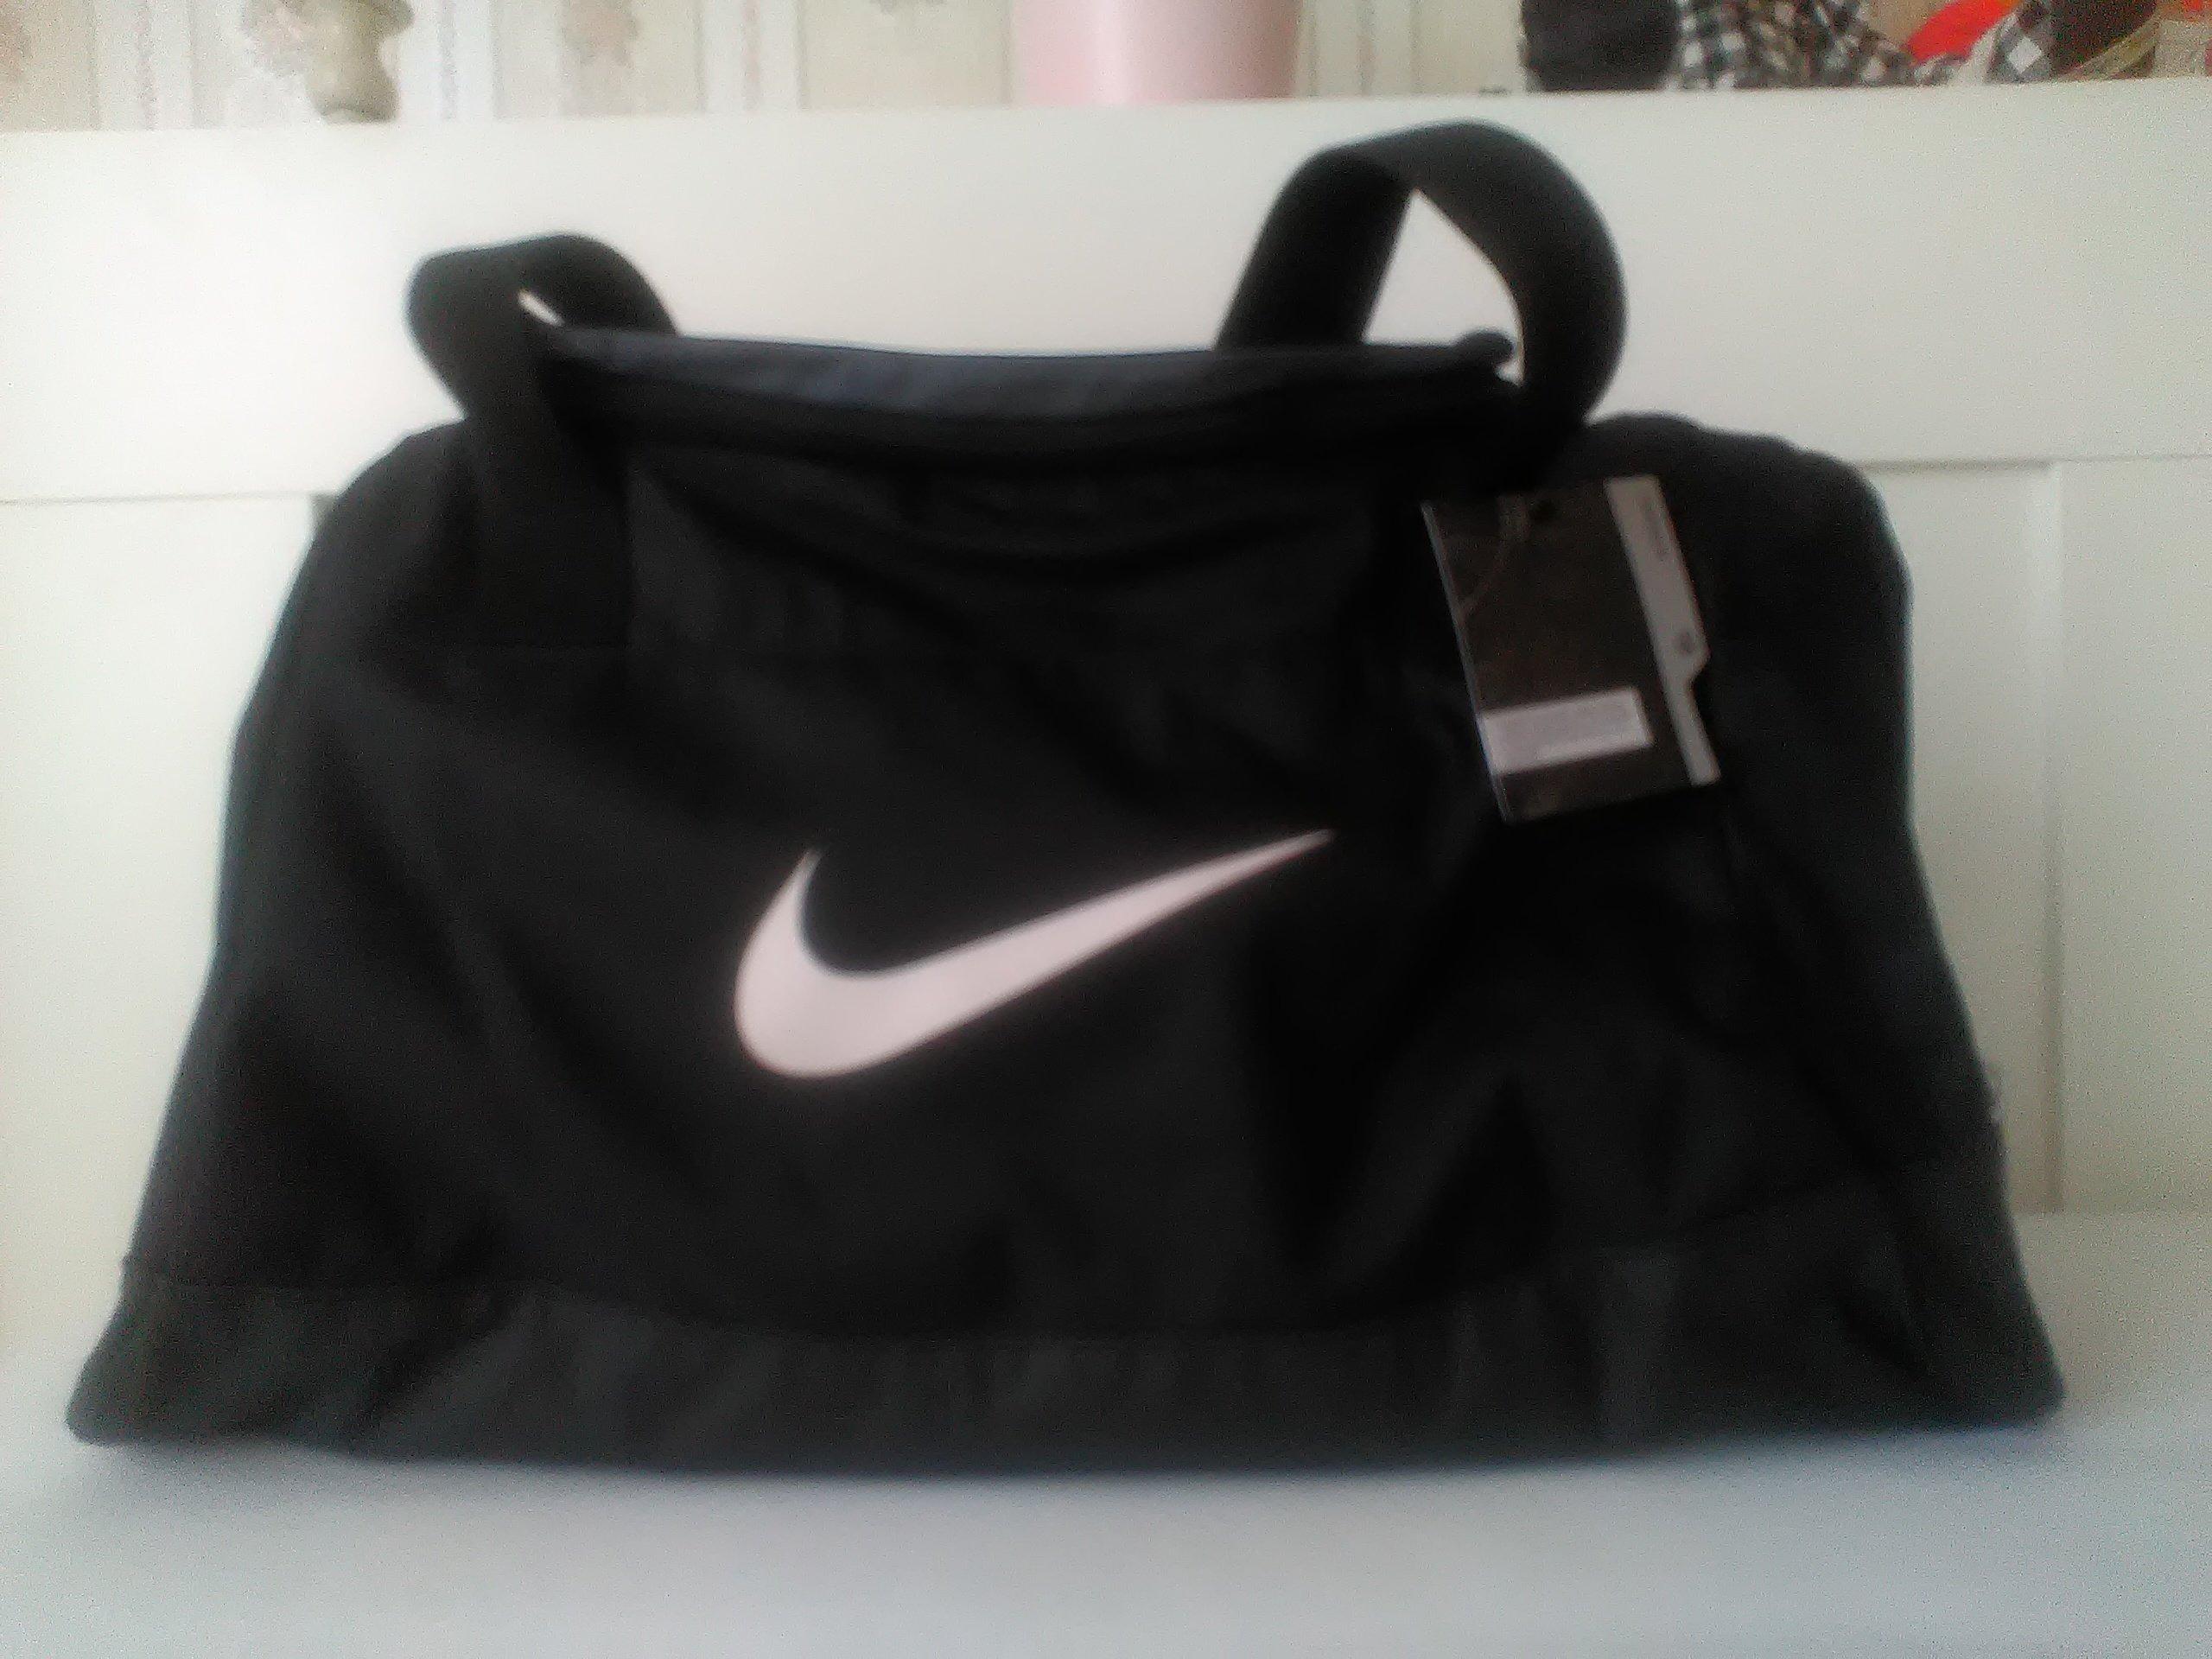 67477d72abb20 Torba sportowa Nike Tanio Warszawa! - 7274244929 - oficjalne ...